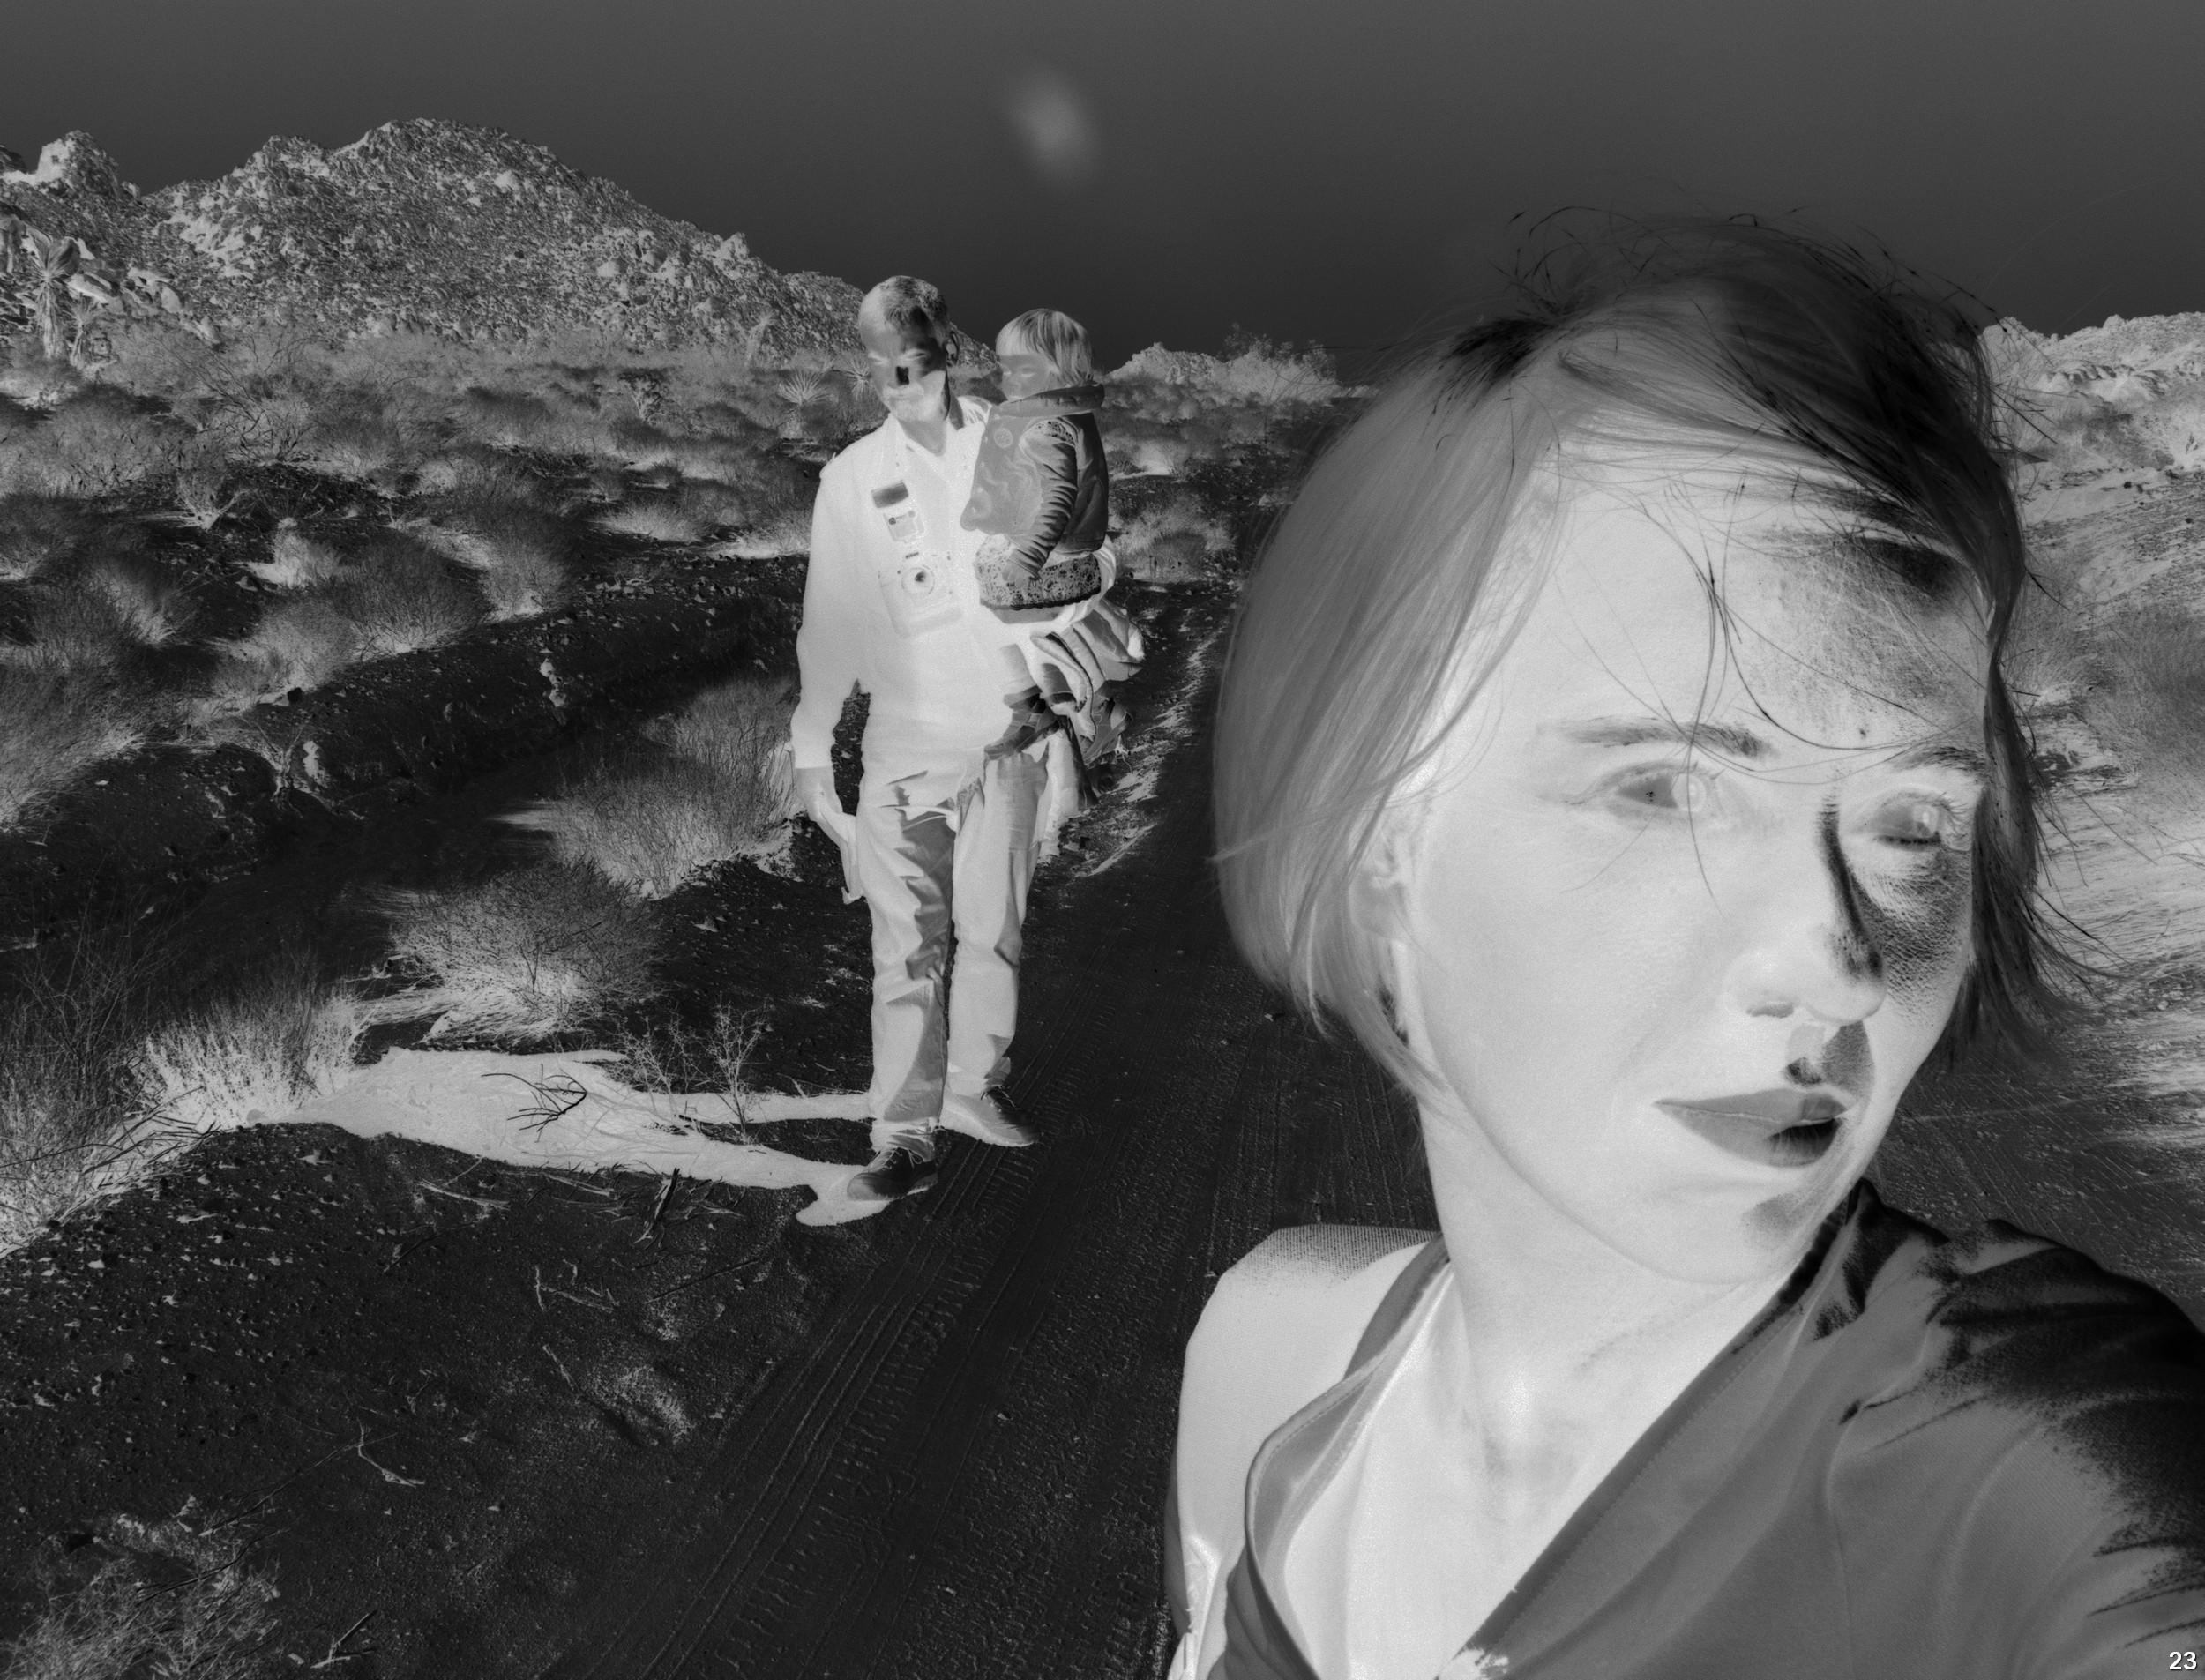 """Aneta Grzeszykowska, """"Negative Book #23"""", 2012–2013, zdjęcie dzięki uprzejmości Galerii Raster (źródło: materiały prasowe organizatora)"""